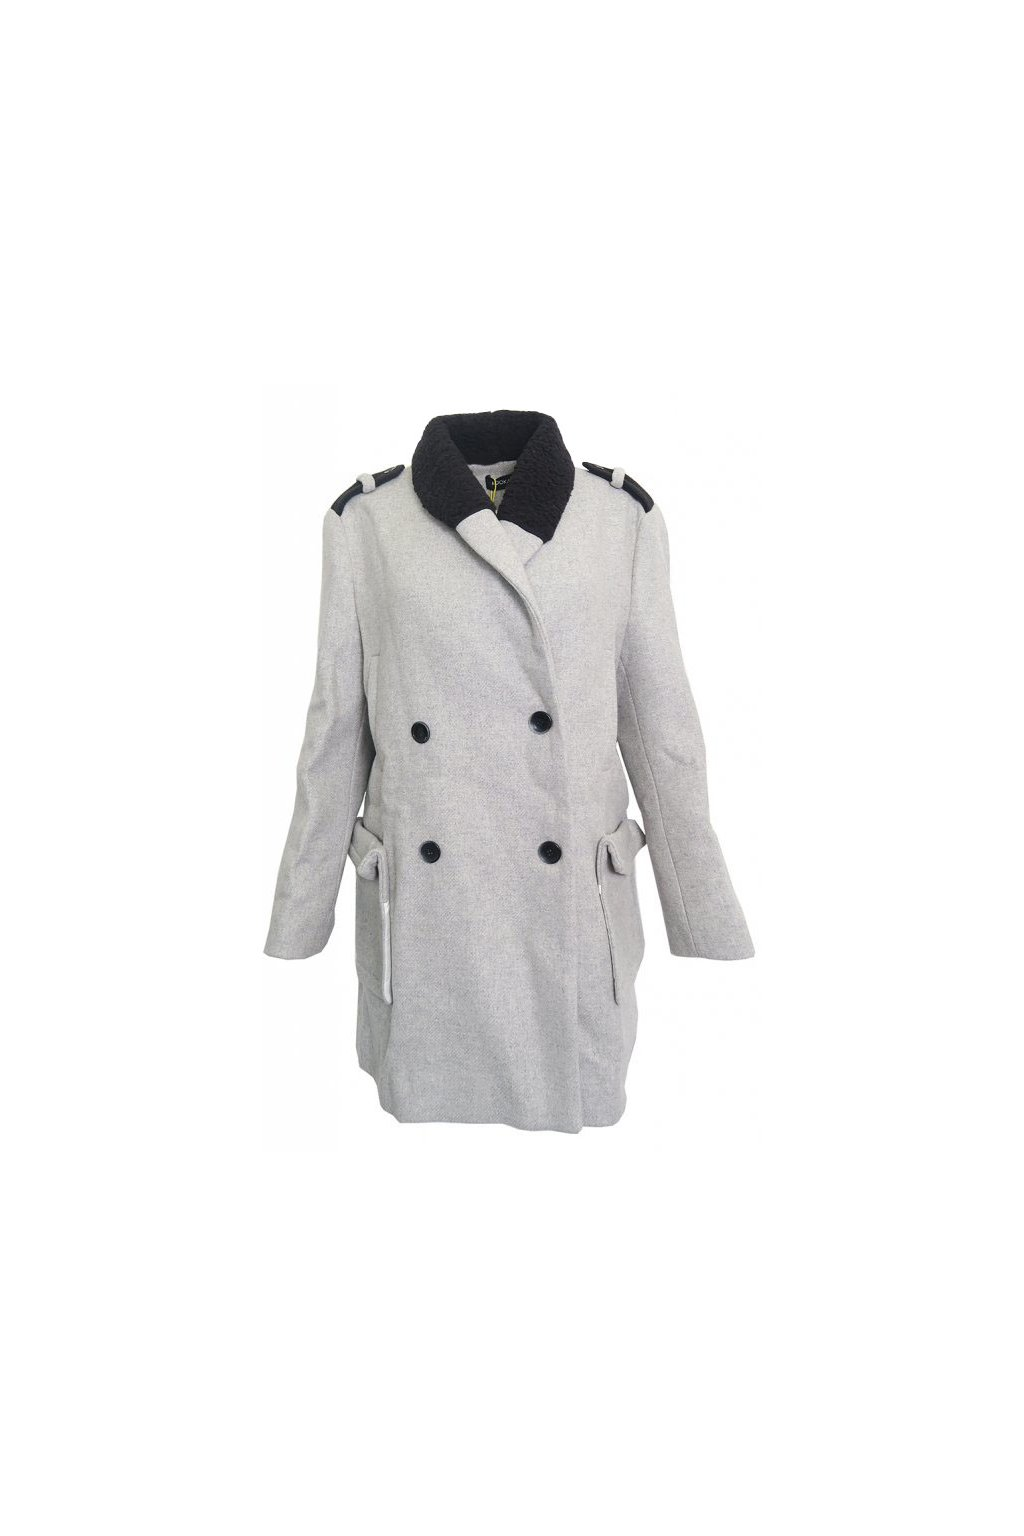 Šedý kabátek s černým limcem Kookaï